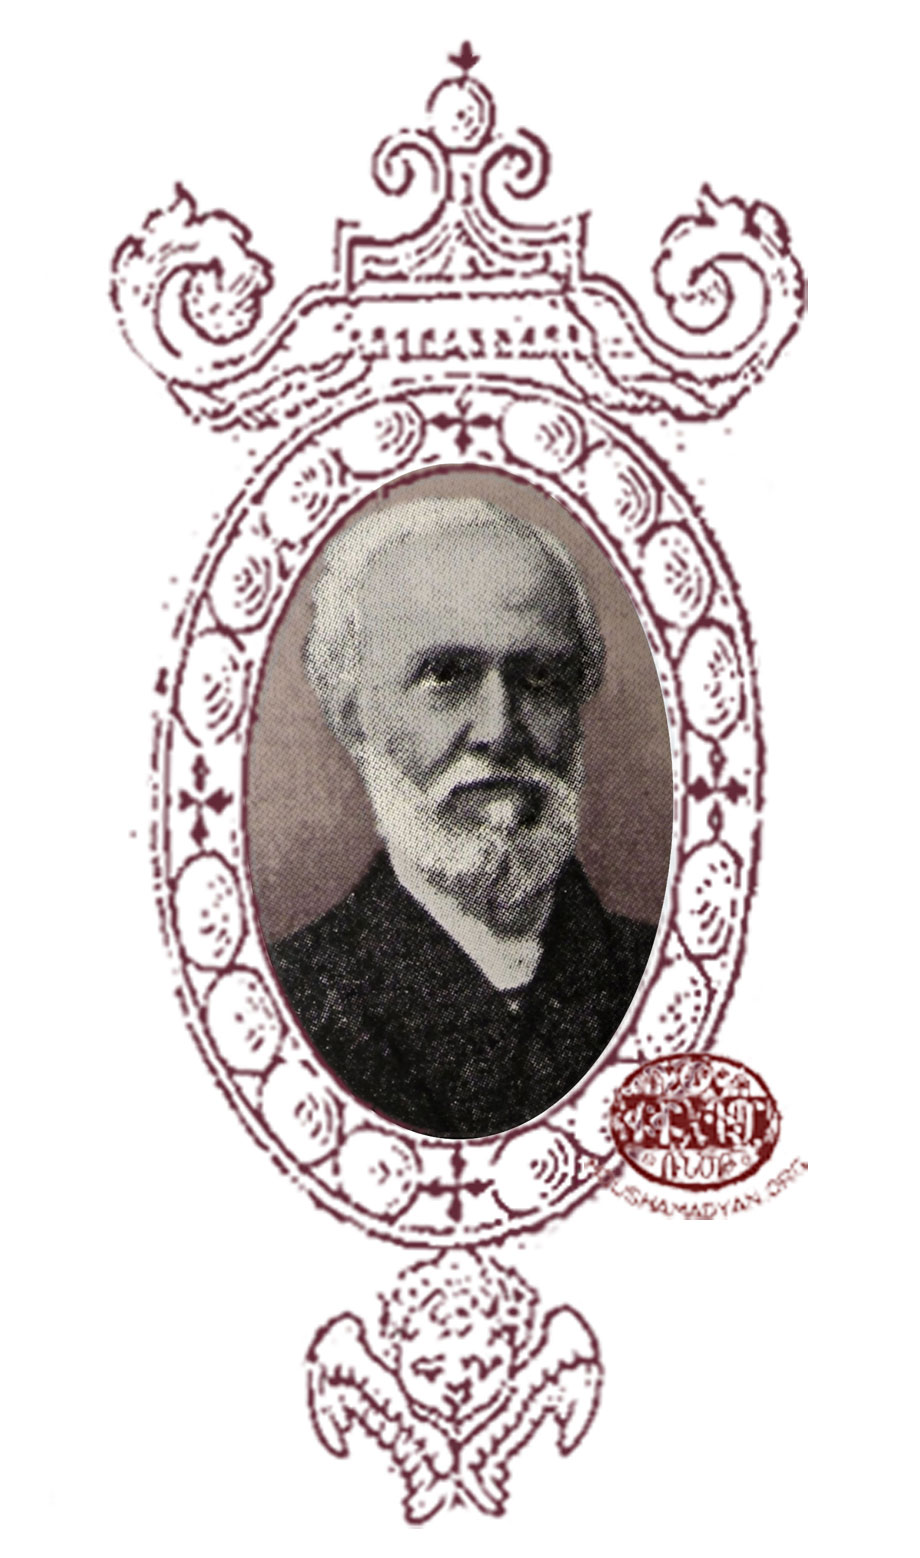 Հերման Ն. Պարնըմ